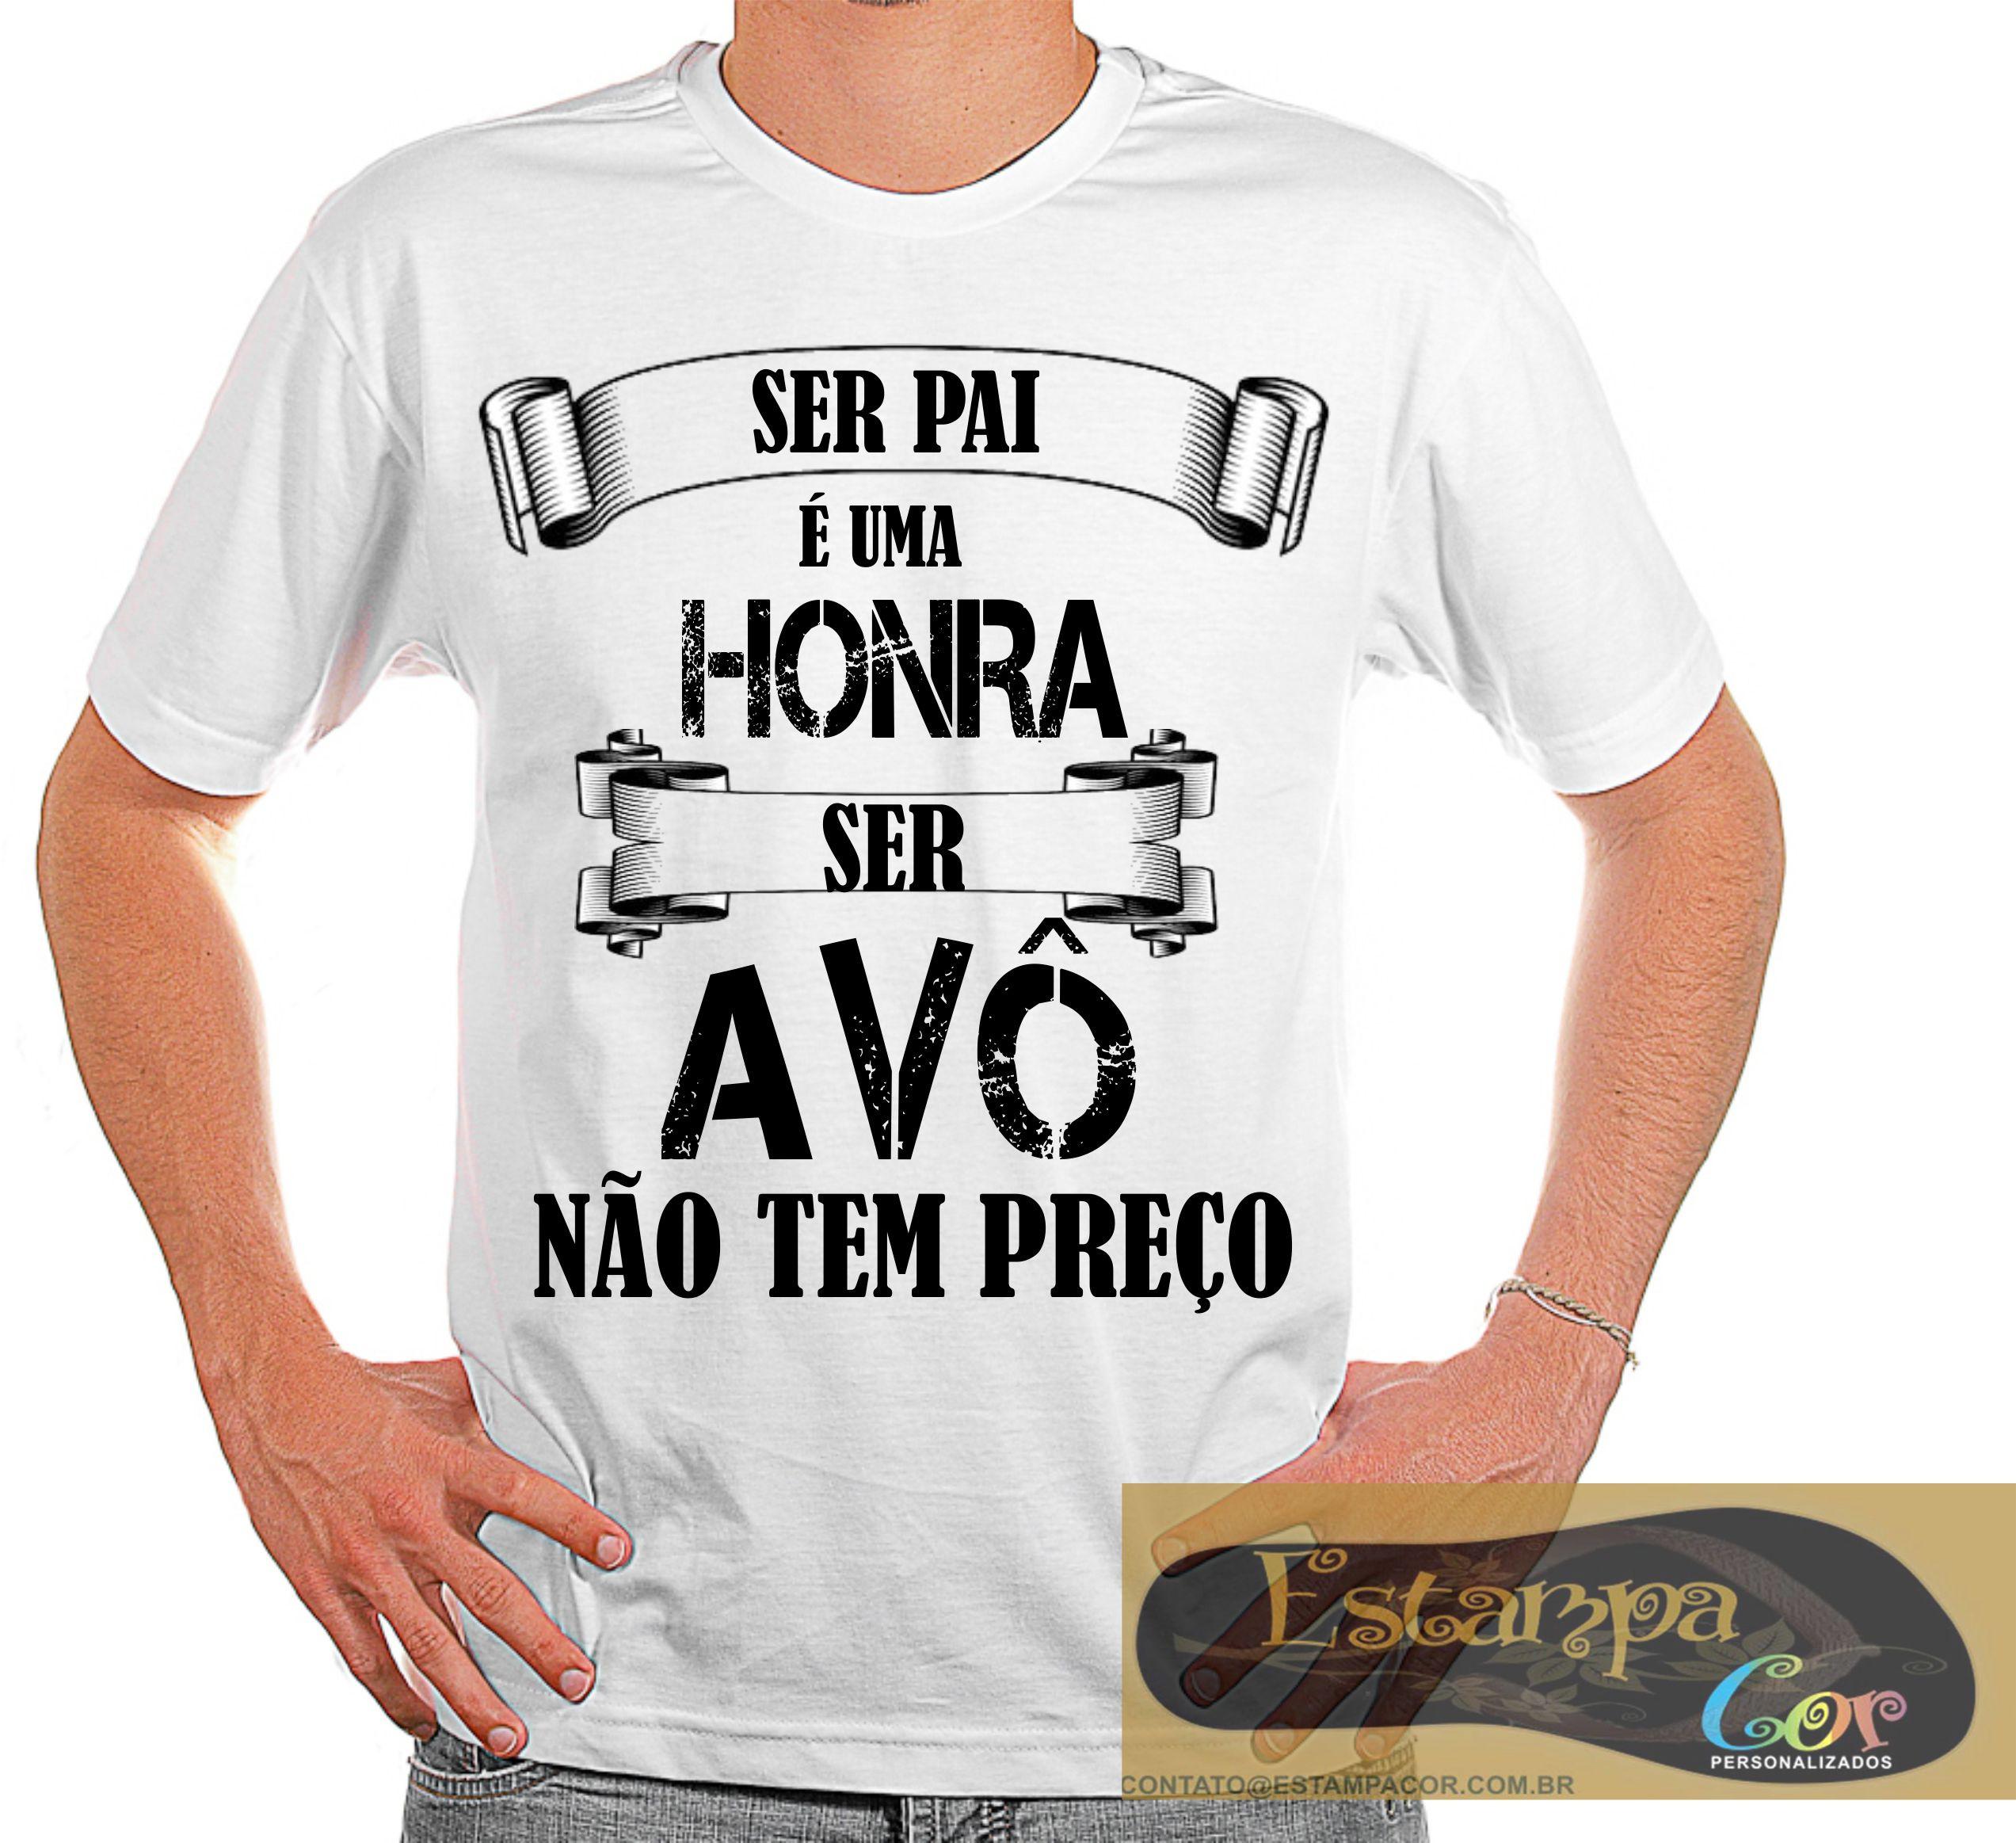 Camiseta Personalizada Ser Avô Não Tem Preço